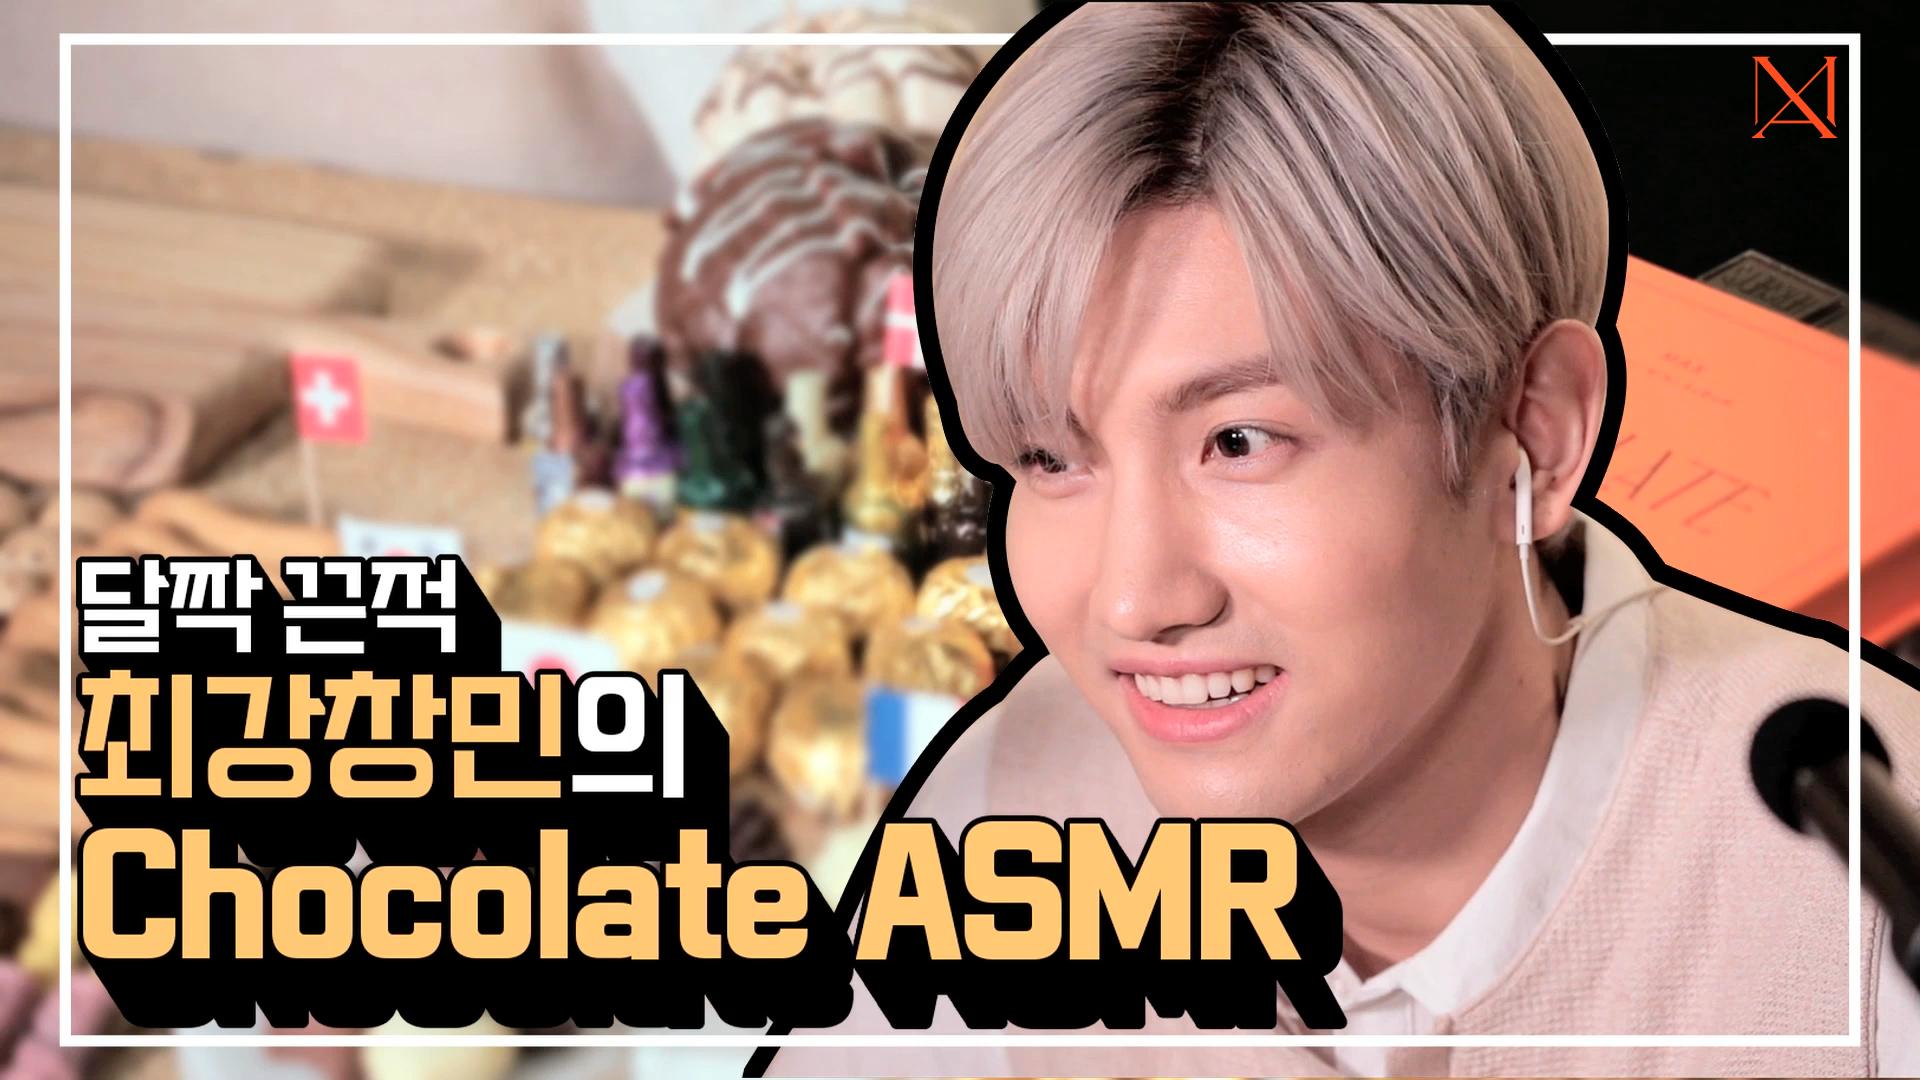 최강창민의 Chocolate ASMR 🍫👂 l 초콜릿의 늪에 빠진 #MAXCHAGMIN (이어폰 필수🎧)